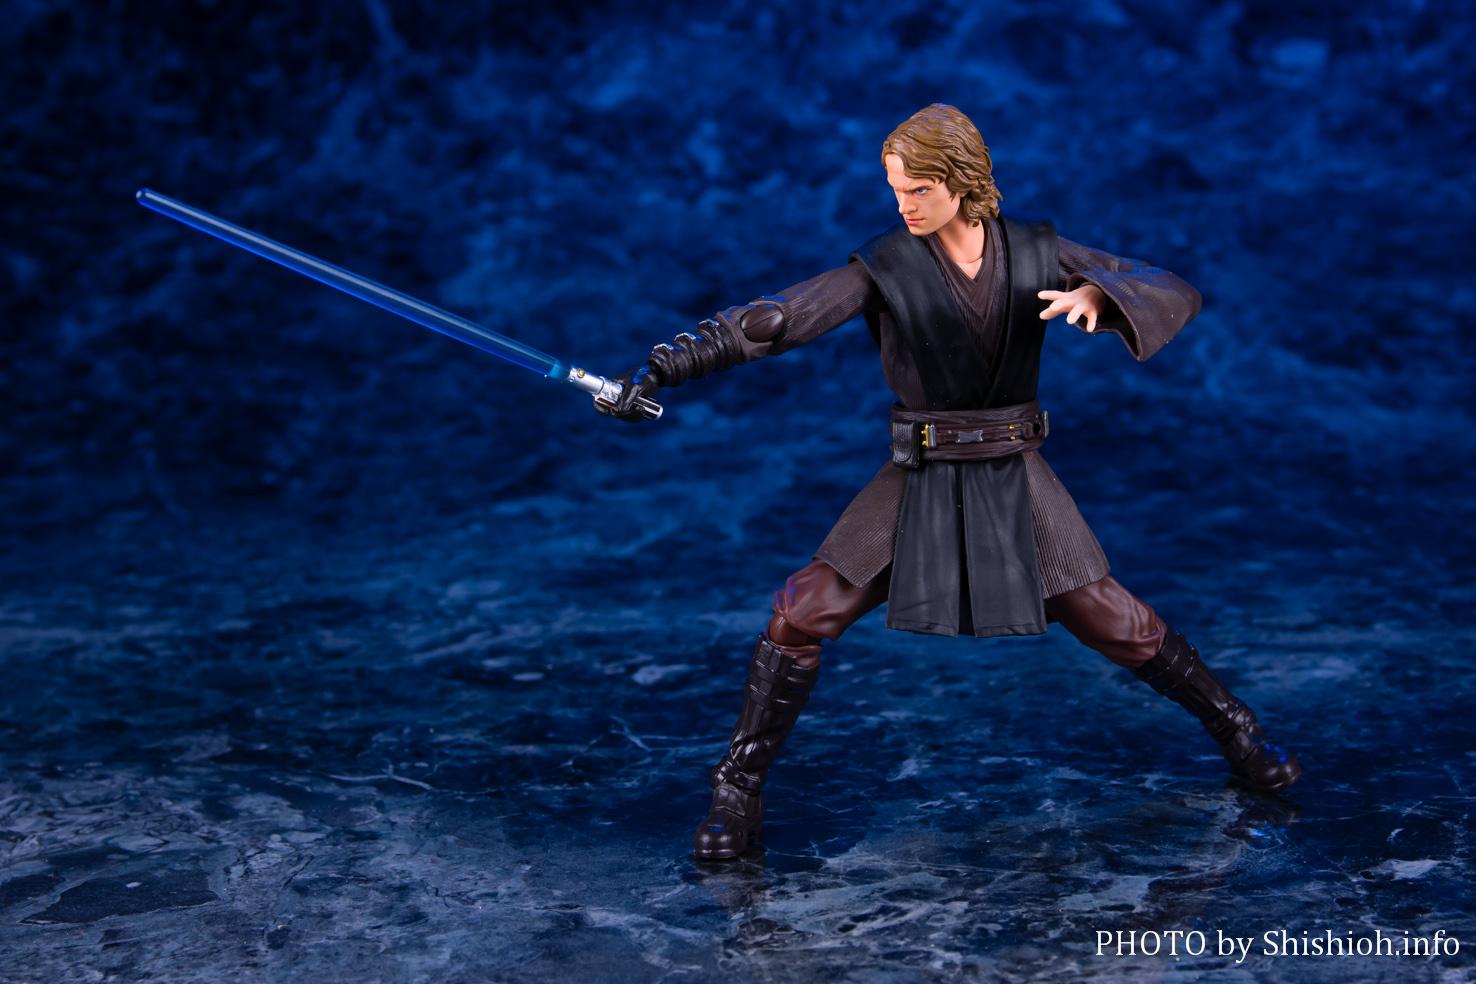 S.H.Figuarts アナキン・スカイウォーカー(Revenge of the Sith)